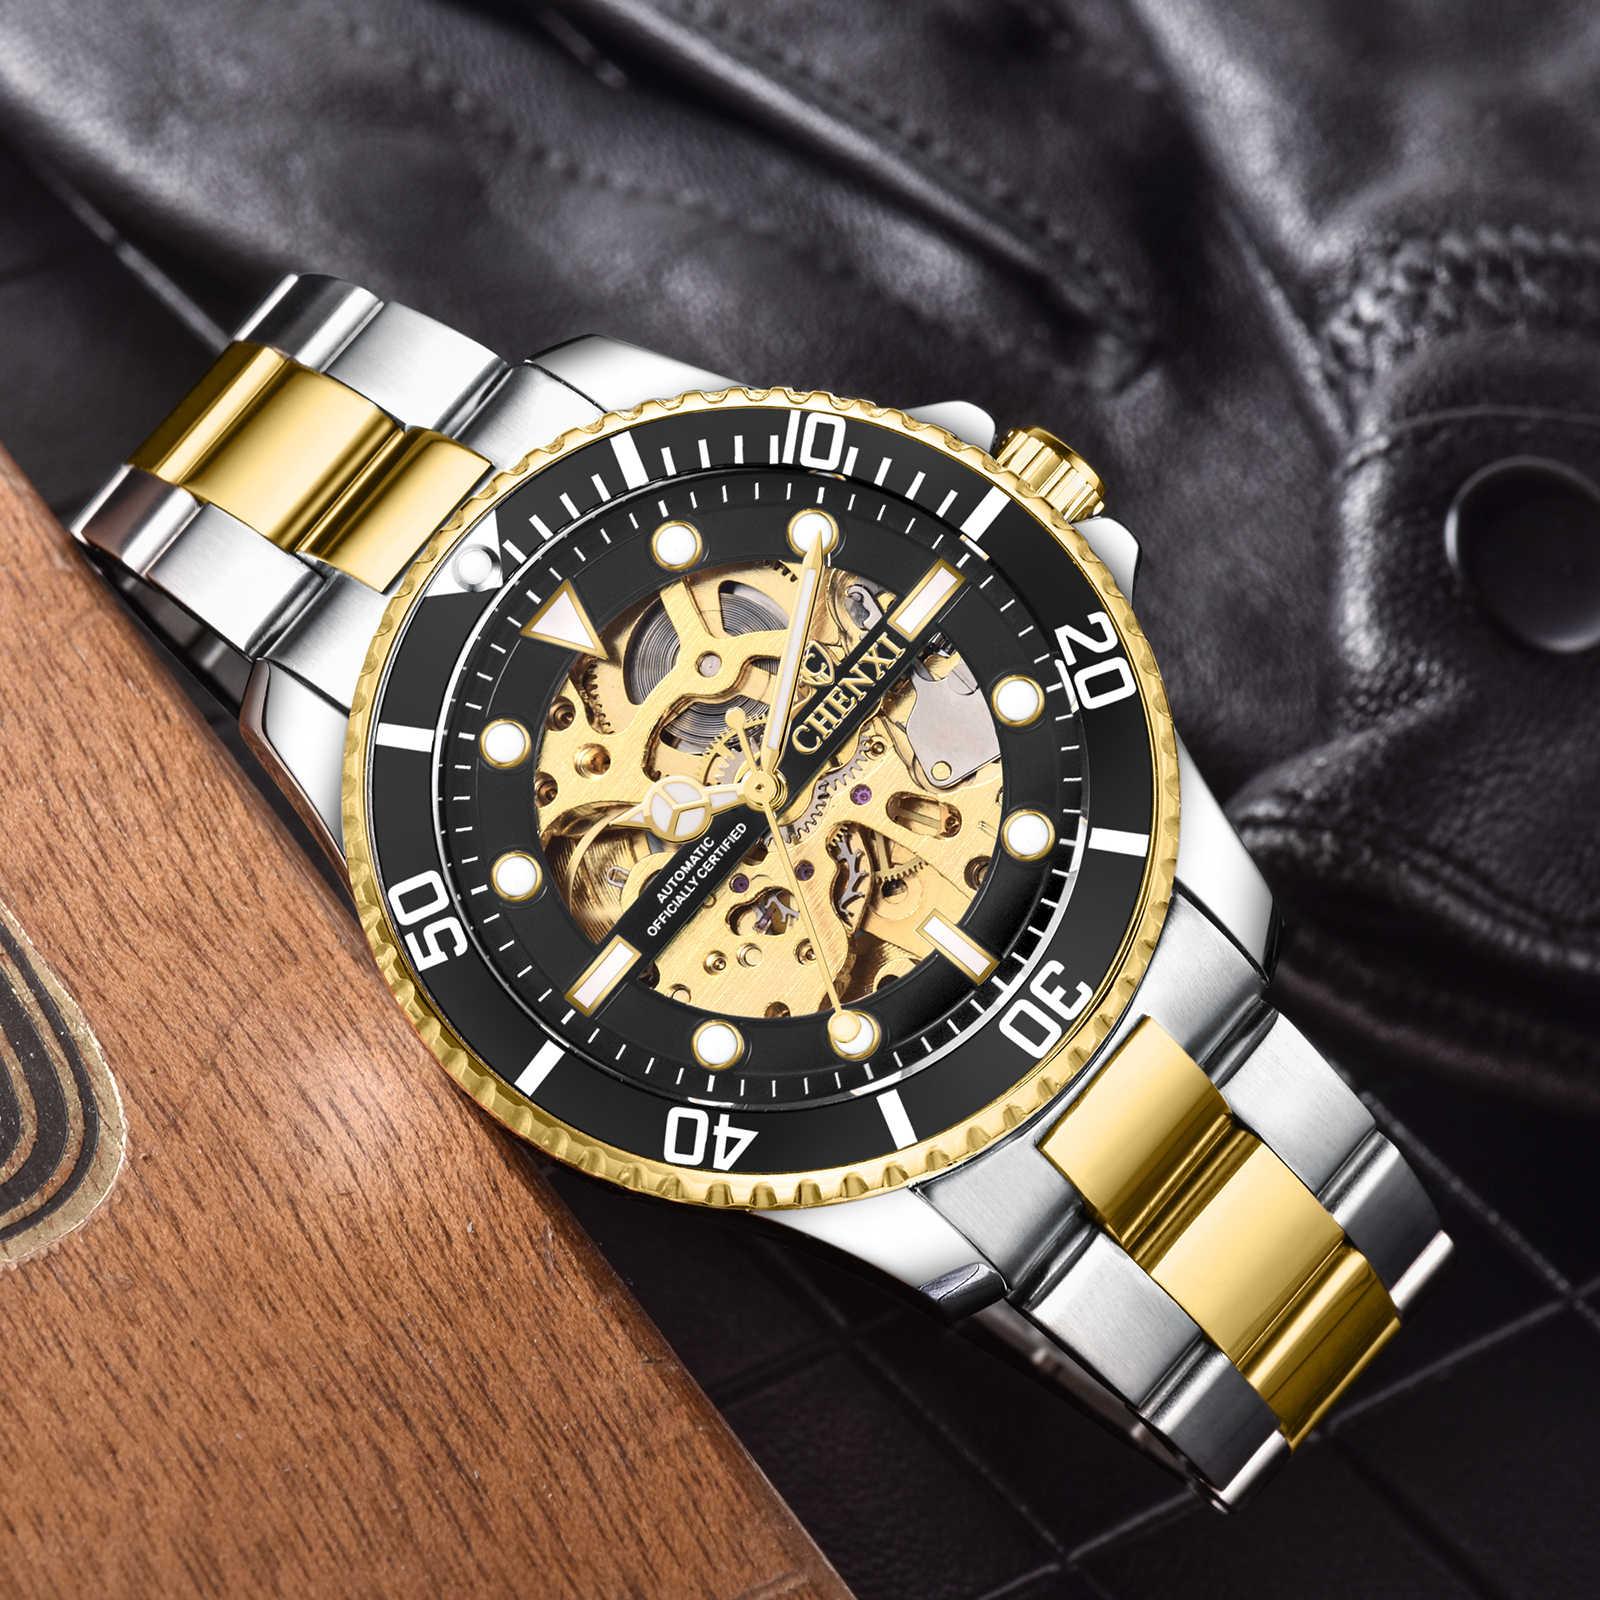 Relojes de Acero inoxidable y oro para hombres, relojes mecánicos automáticos de moda, relojes de manos luminosos para hombres, relojes impermeables de 30M